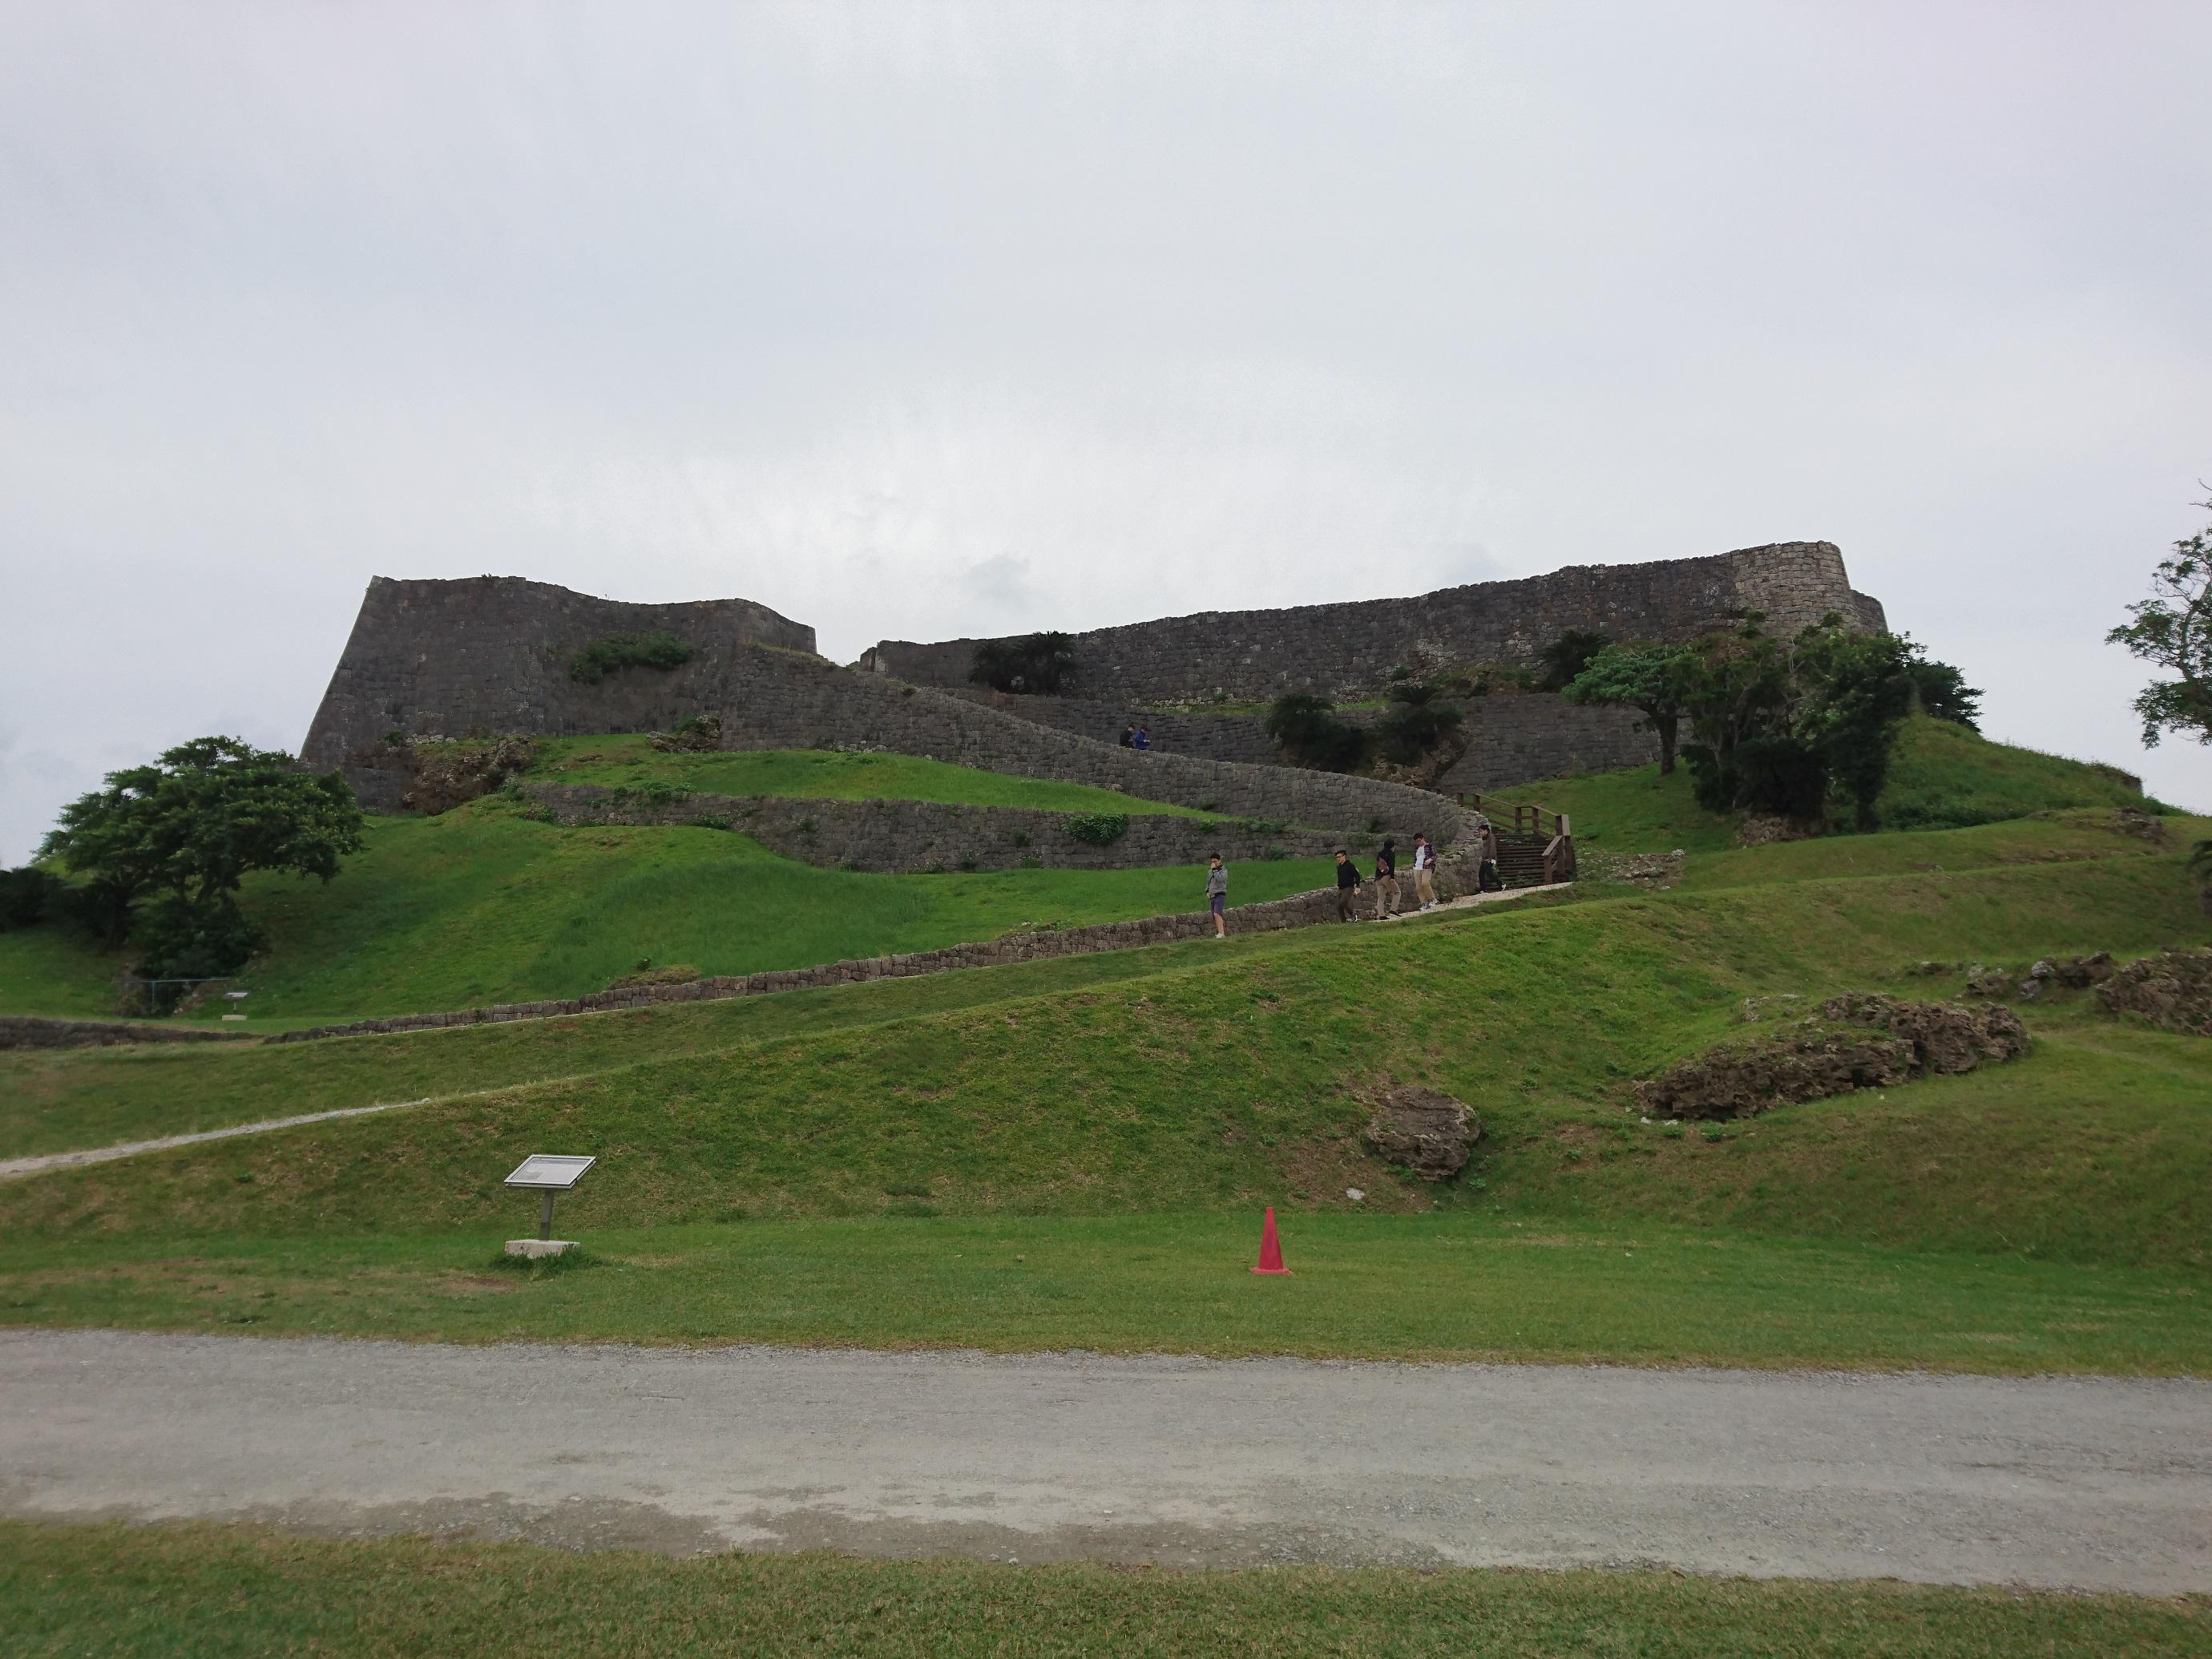 阿麻和利の居城、「世界遺産 勝連城跡」。